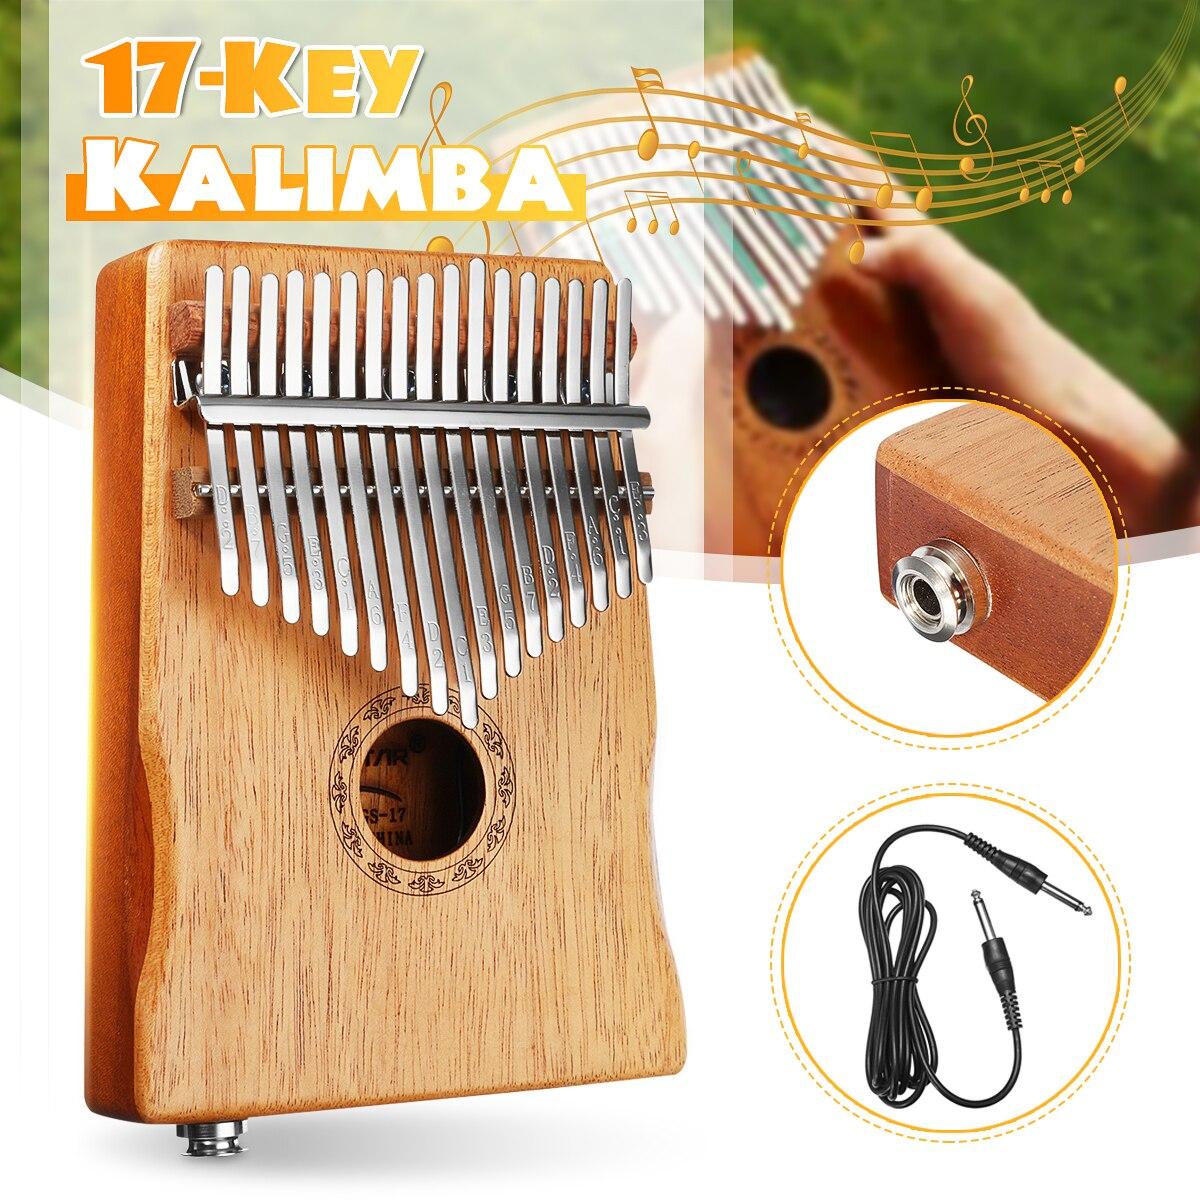 17 Kalimba Piano de Polegar chave EQ w/Tuner Martelo Corpo Do Teclado Instrumento Musical Tradicional Africano Captador Elétrico Portátil w /saco